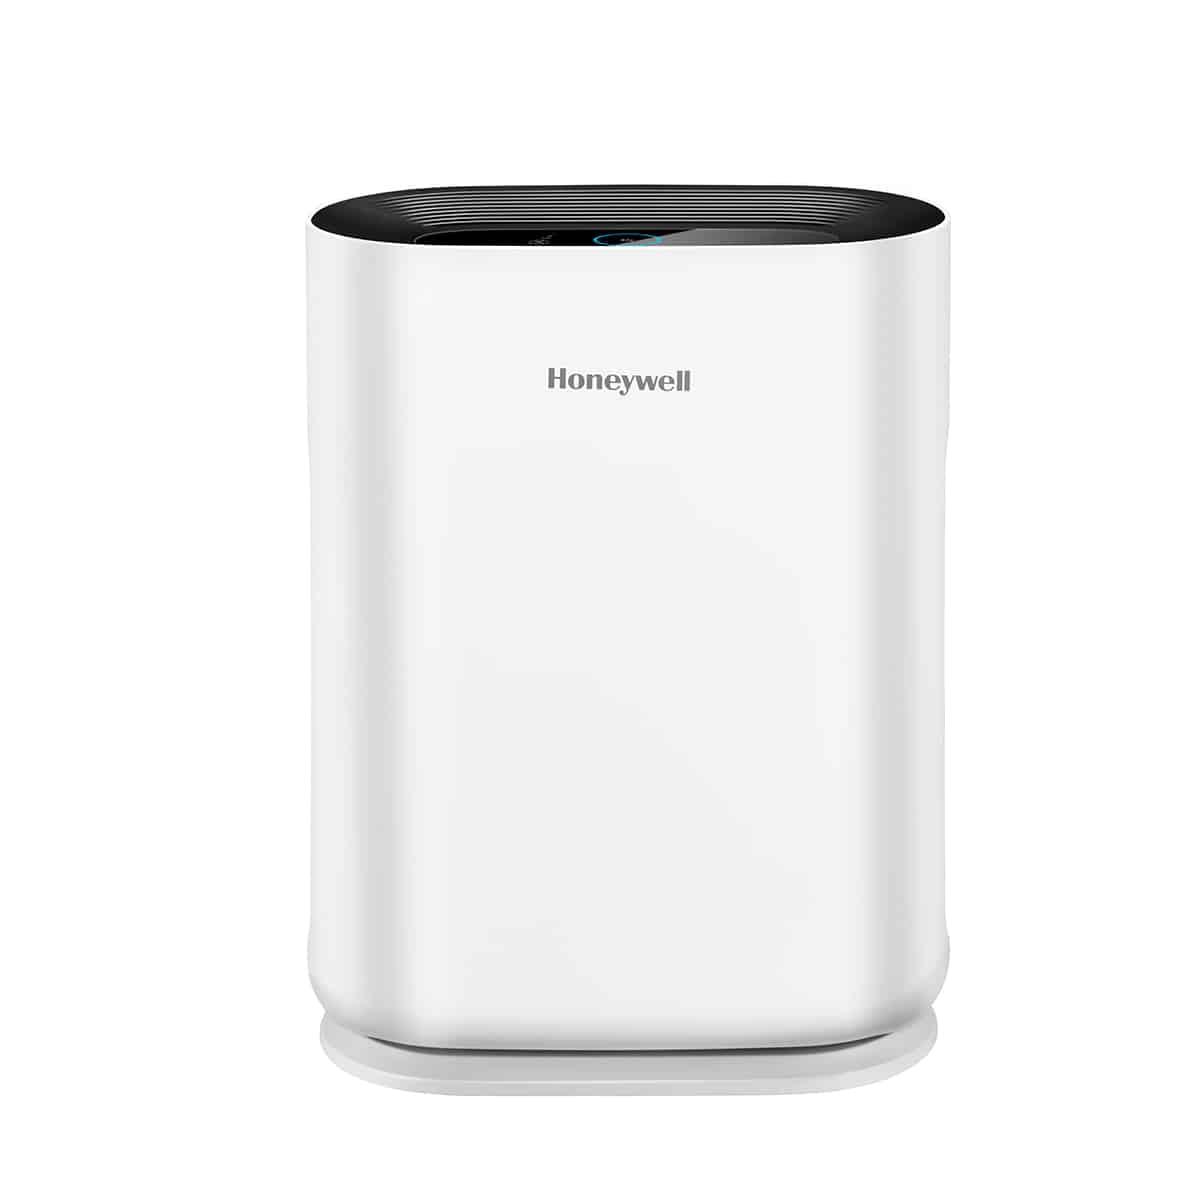 Honeywell-Air-Touch-Air-Purifier